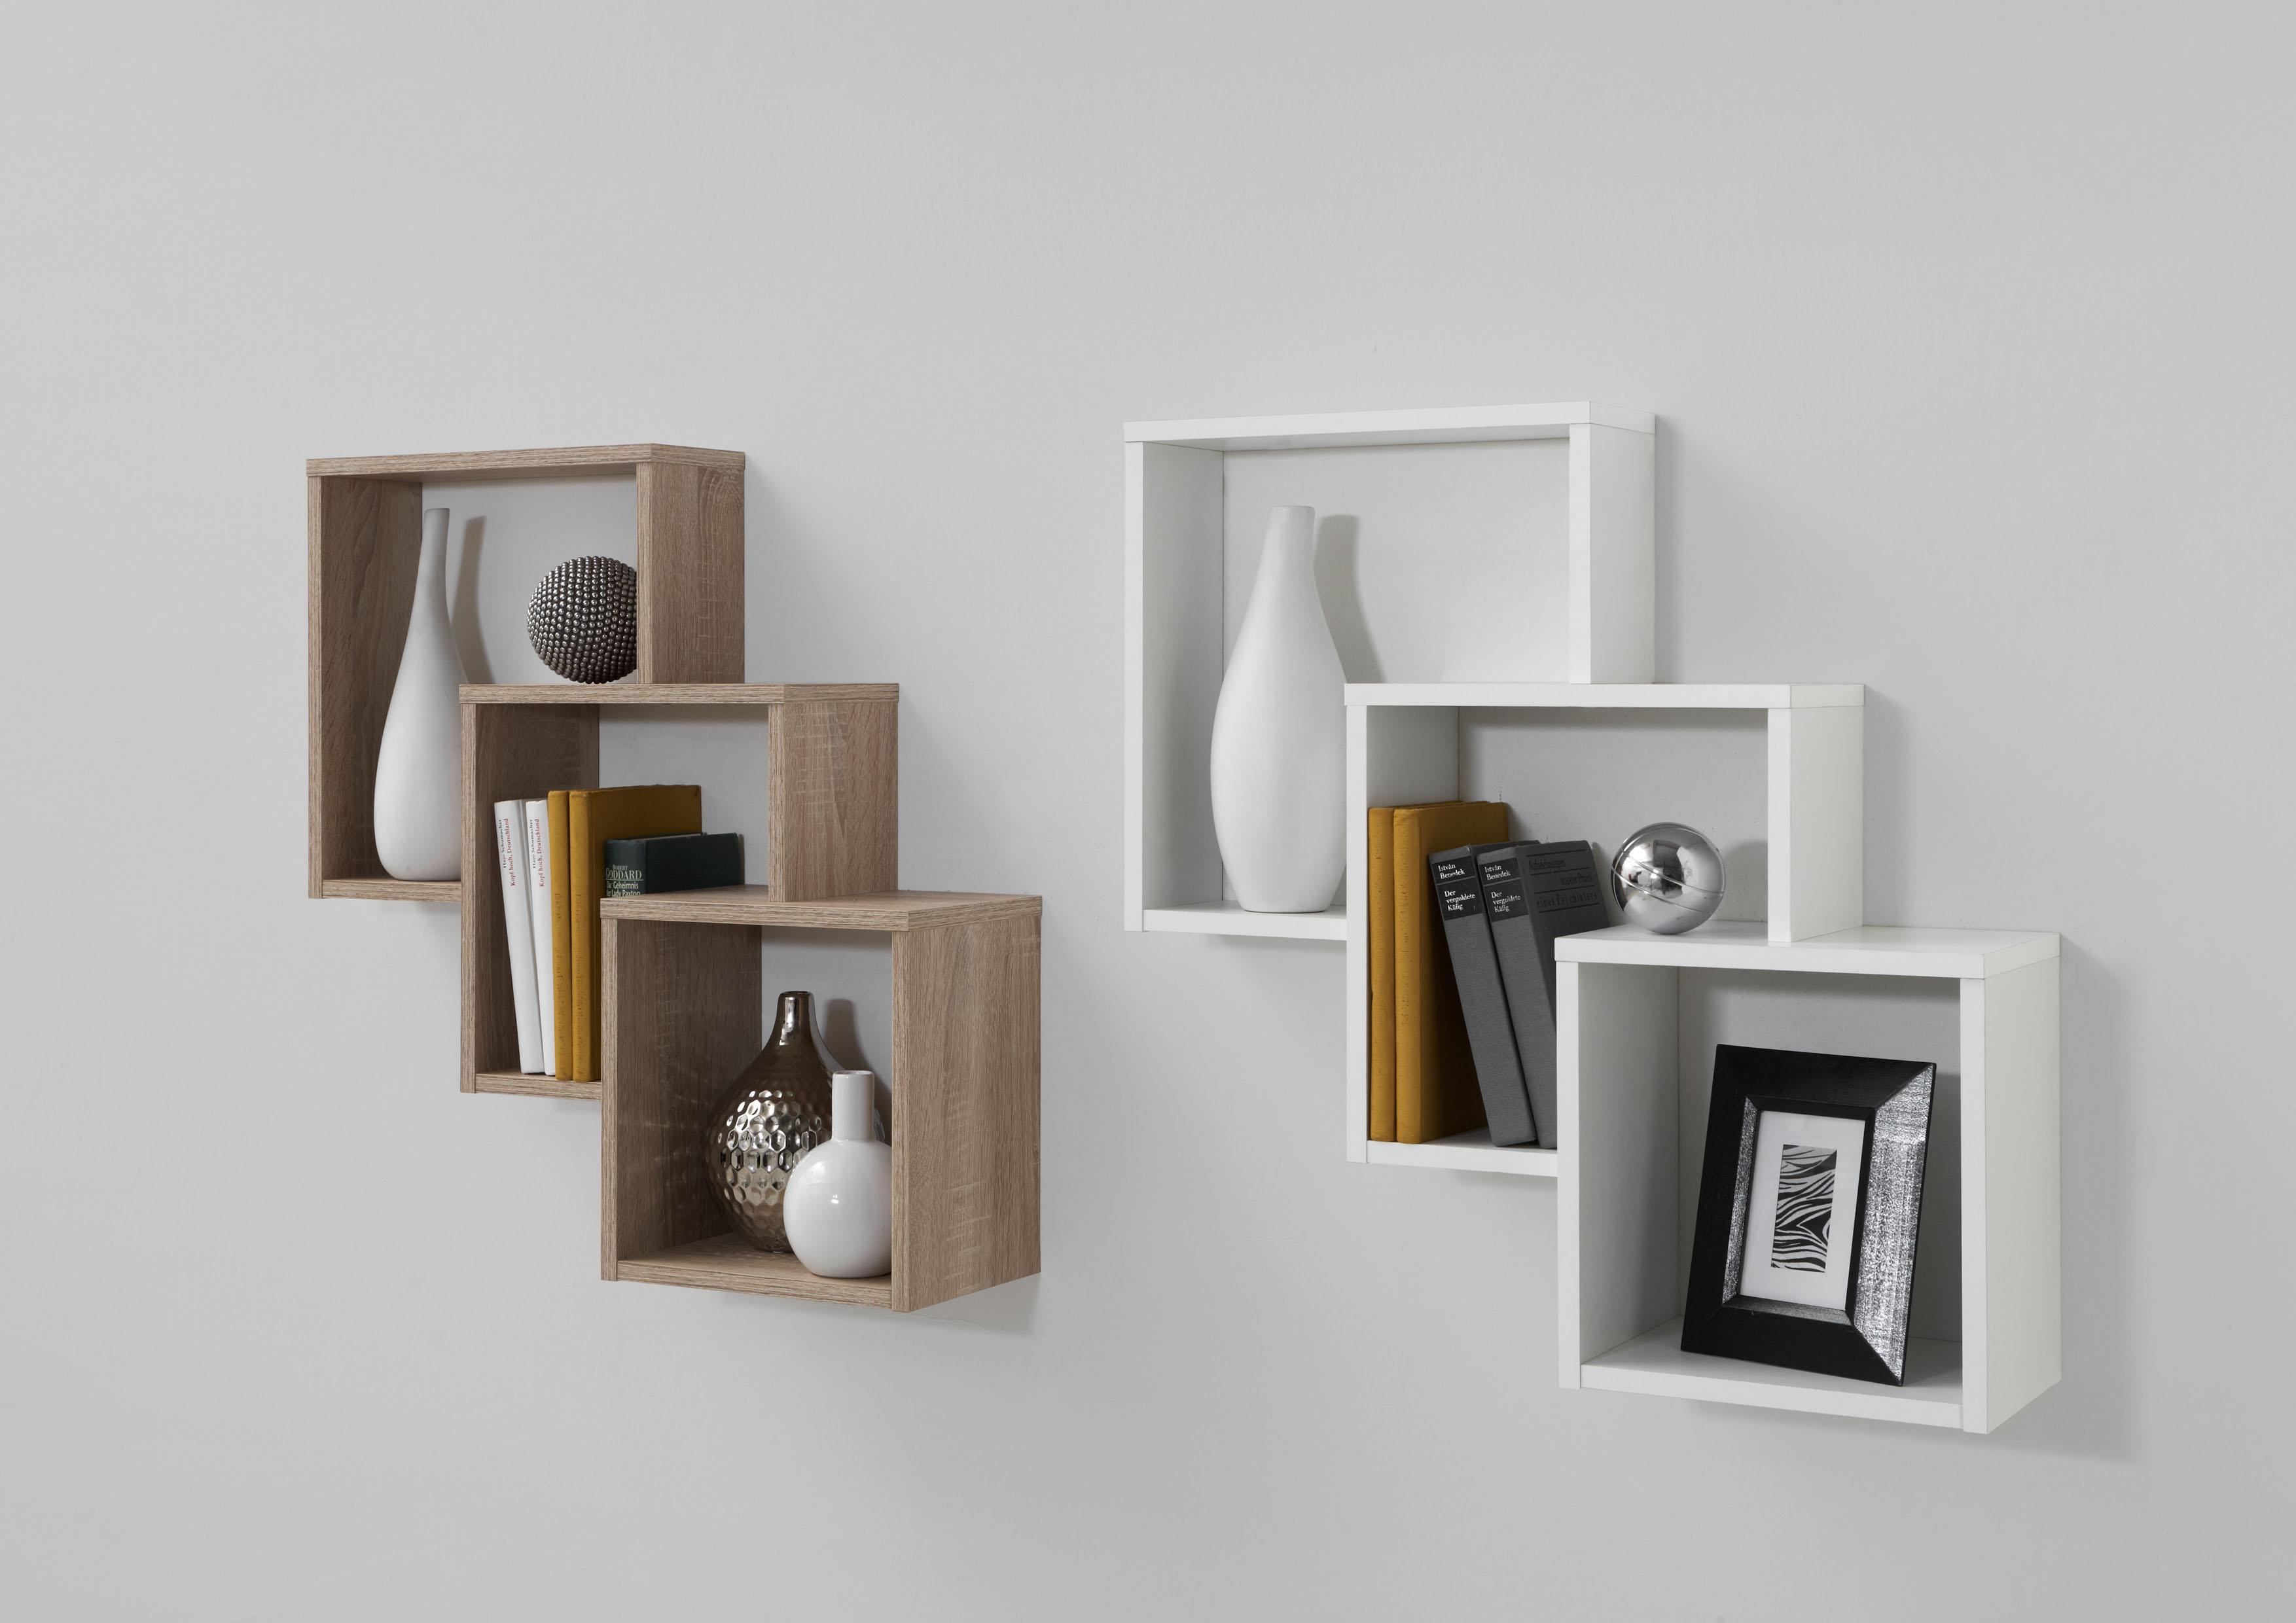 fibi wandregal mit 3 f chern von fmd wei. Black Bedroom Furniture Sets. Home Design Ideas